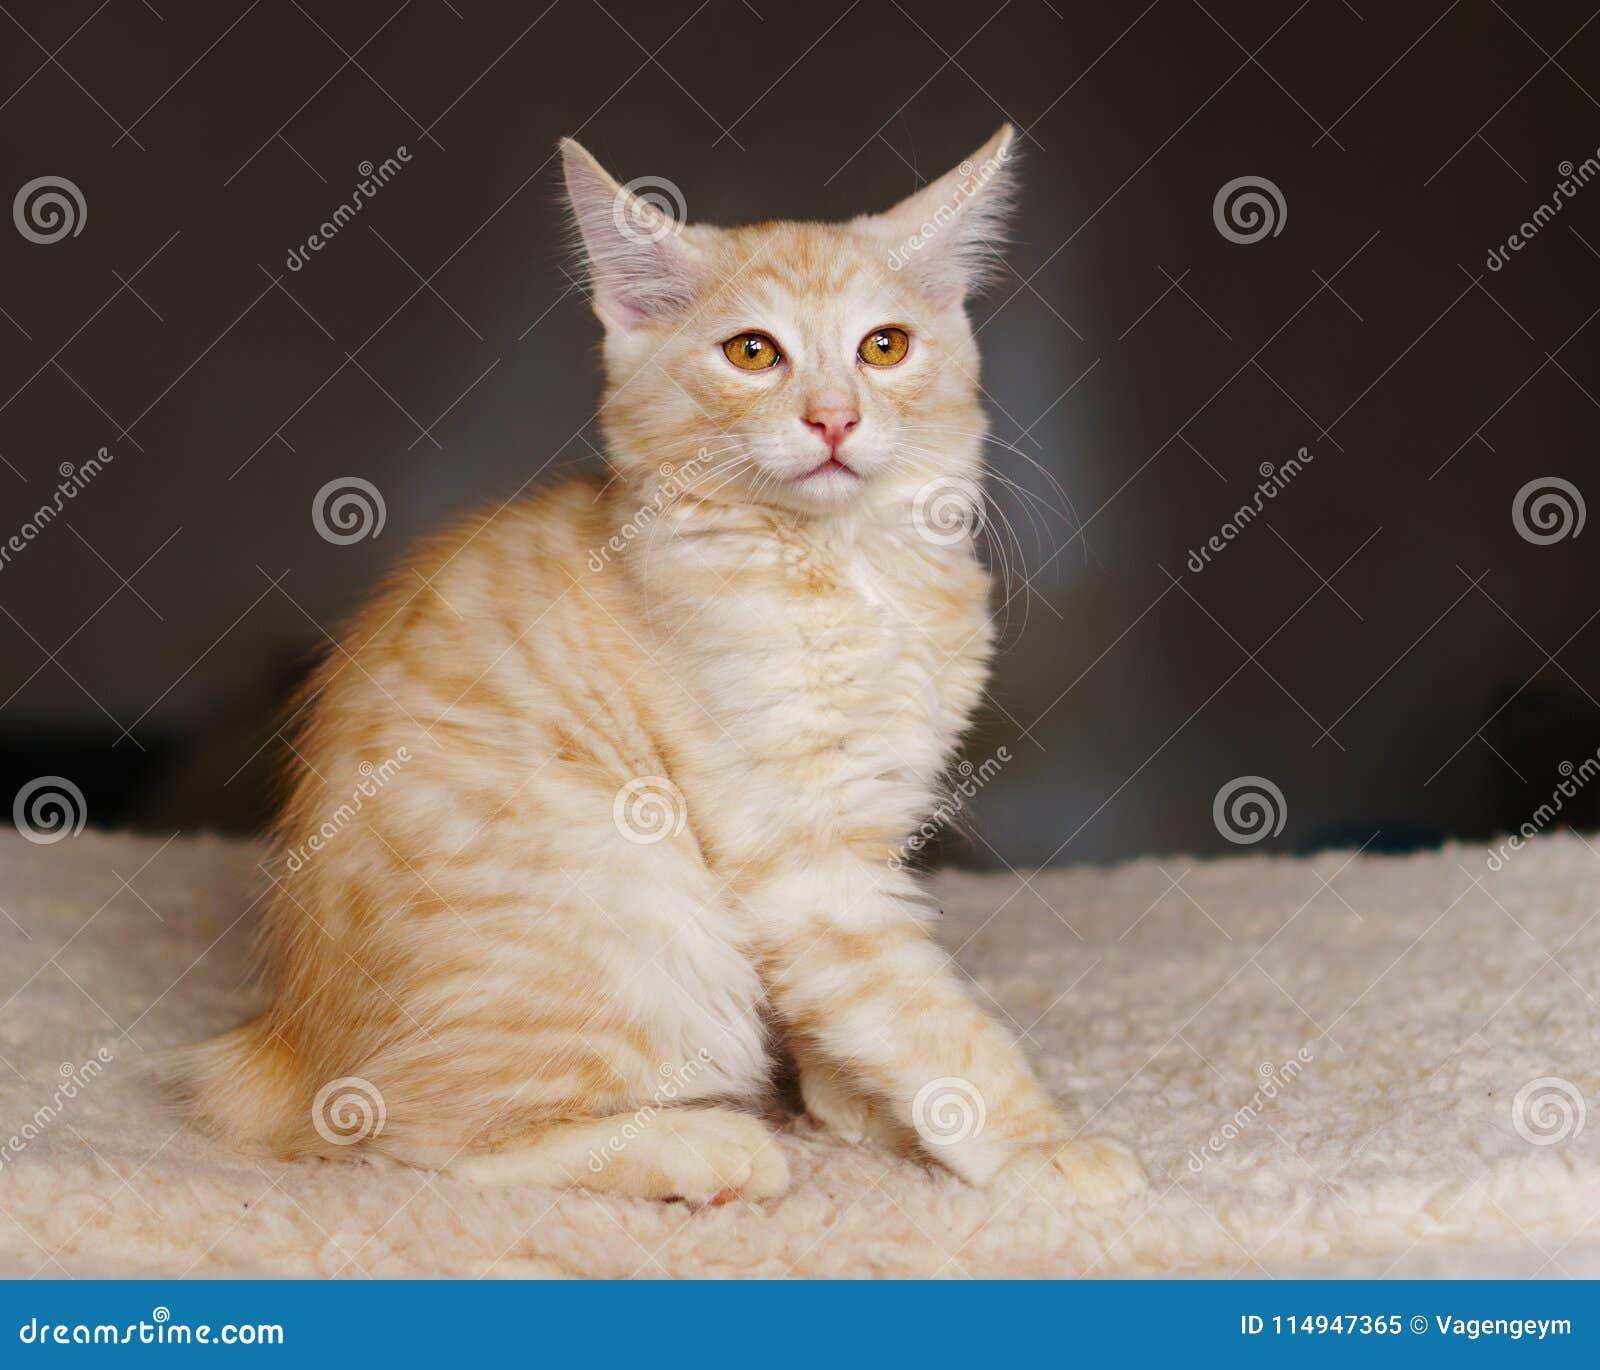 Lovely red thoroughbred kitten